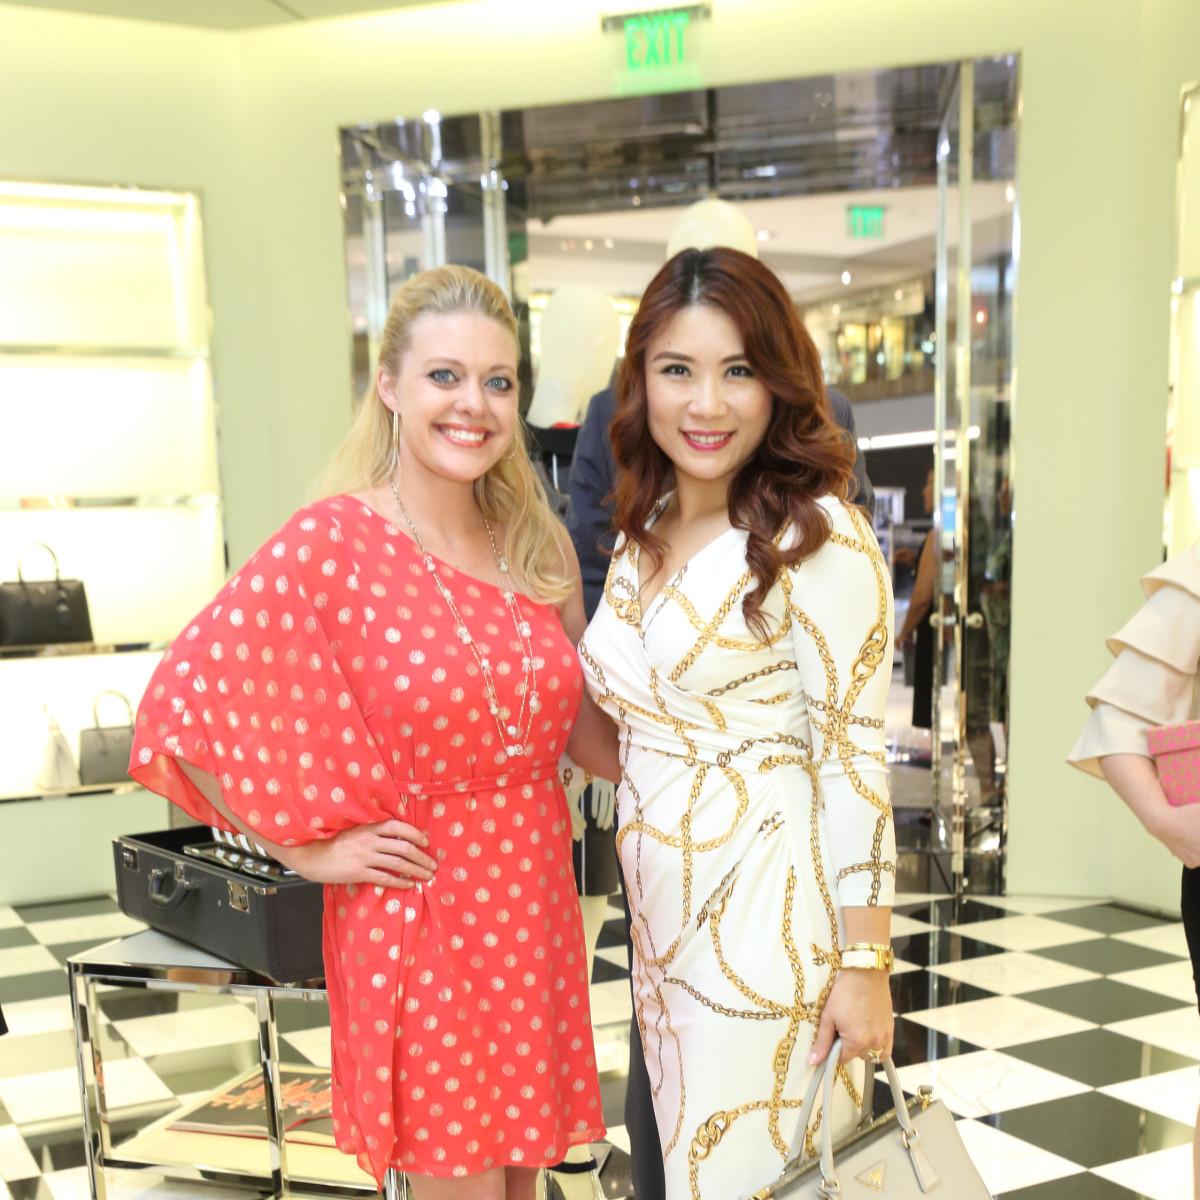 Tabitha Smith, Christina Zhou at APAHA kickoff party at Prada